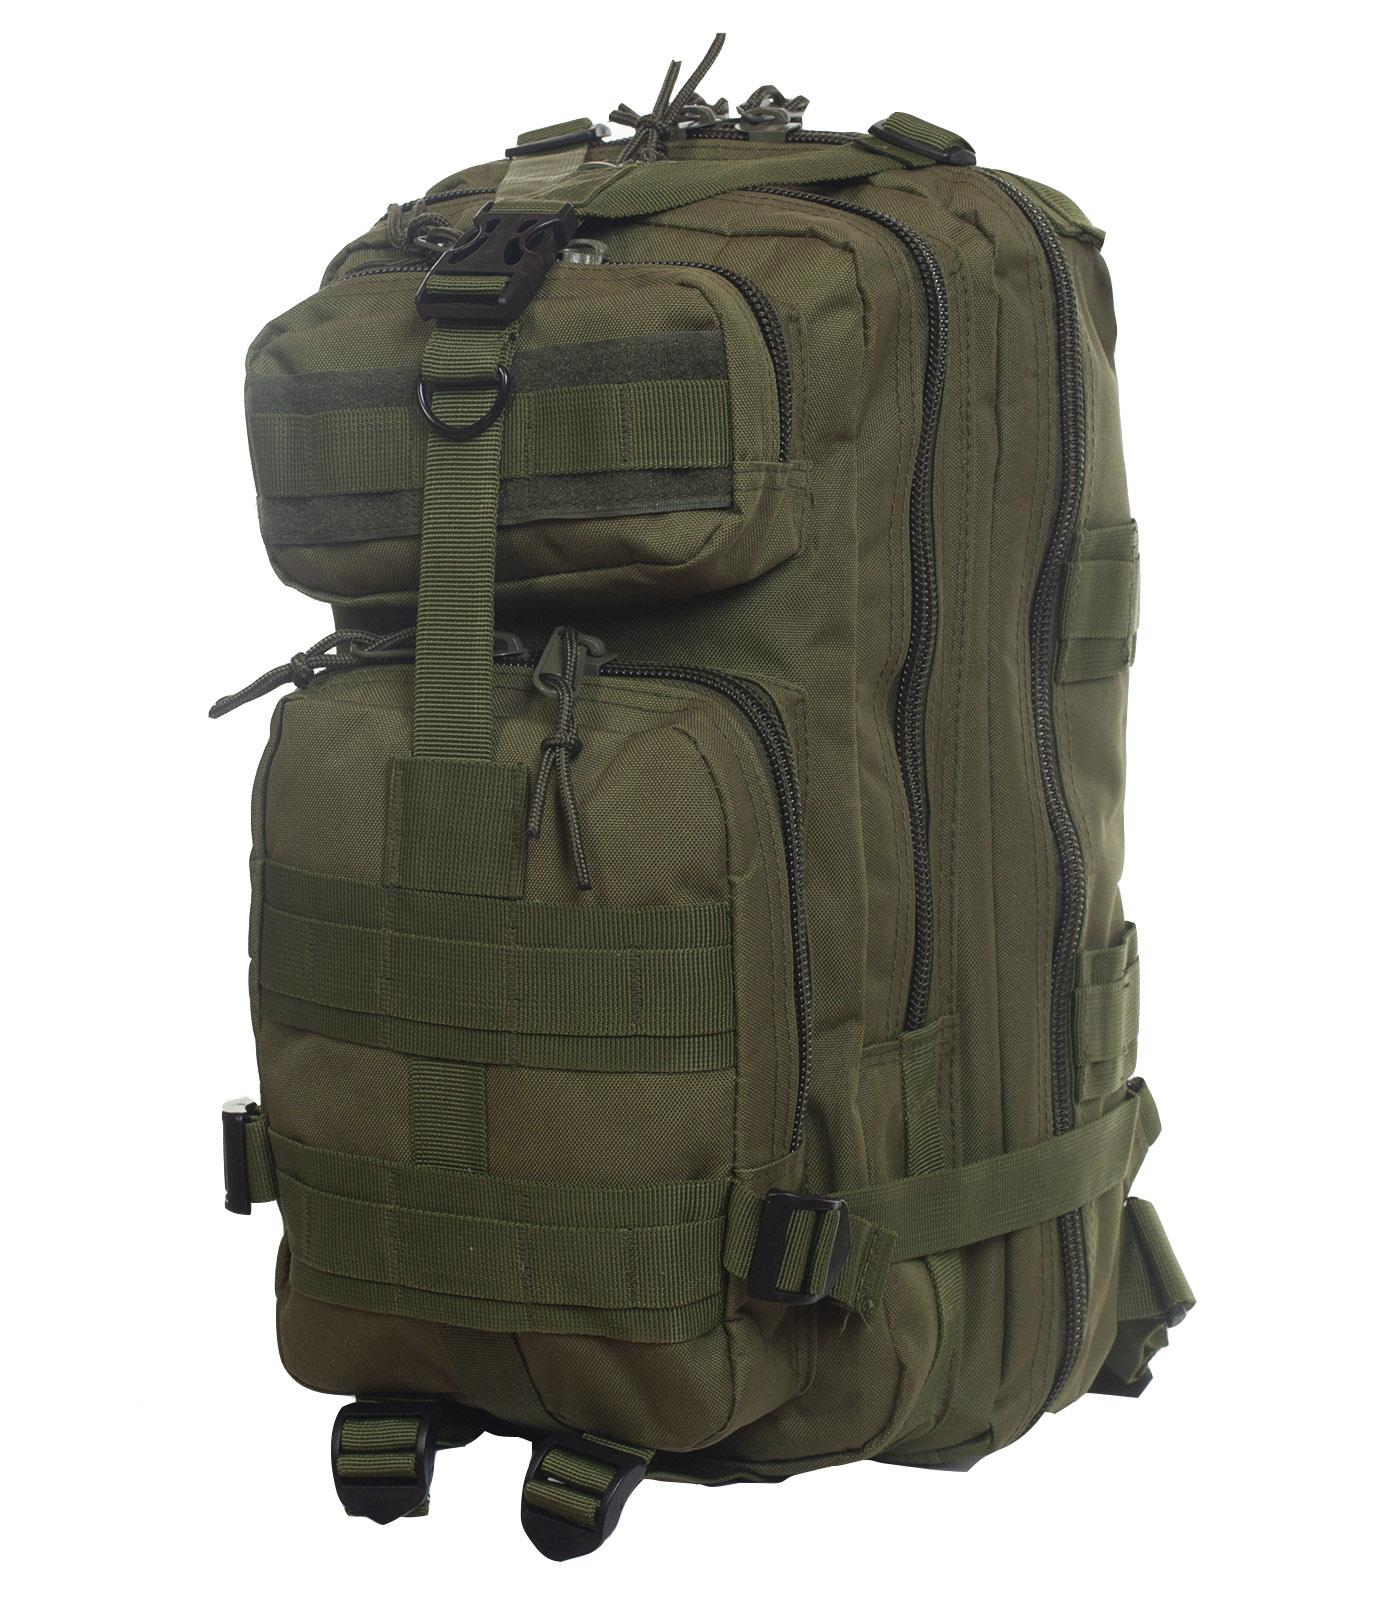 Однодневный армейский рюкзак (25 литров, олива)